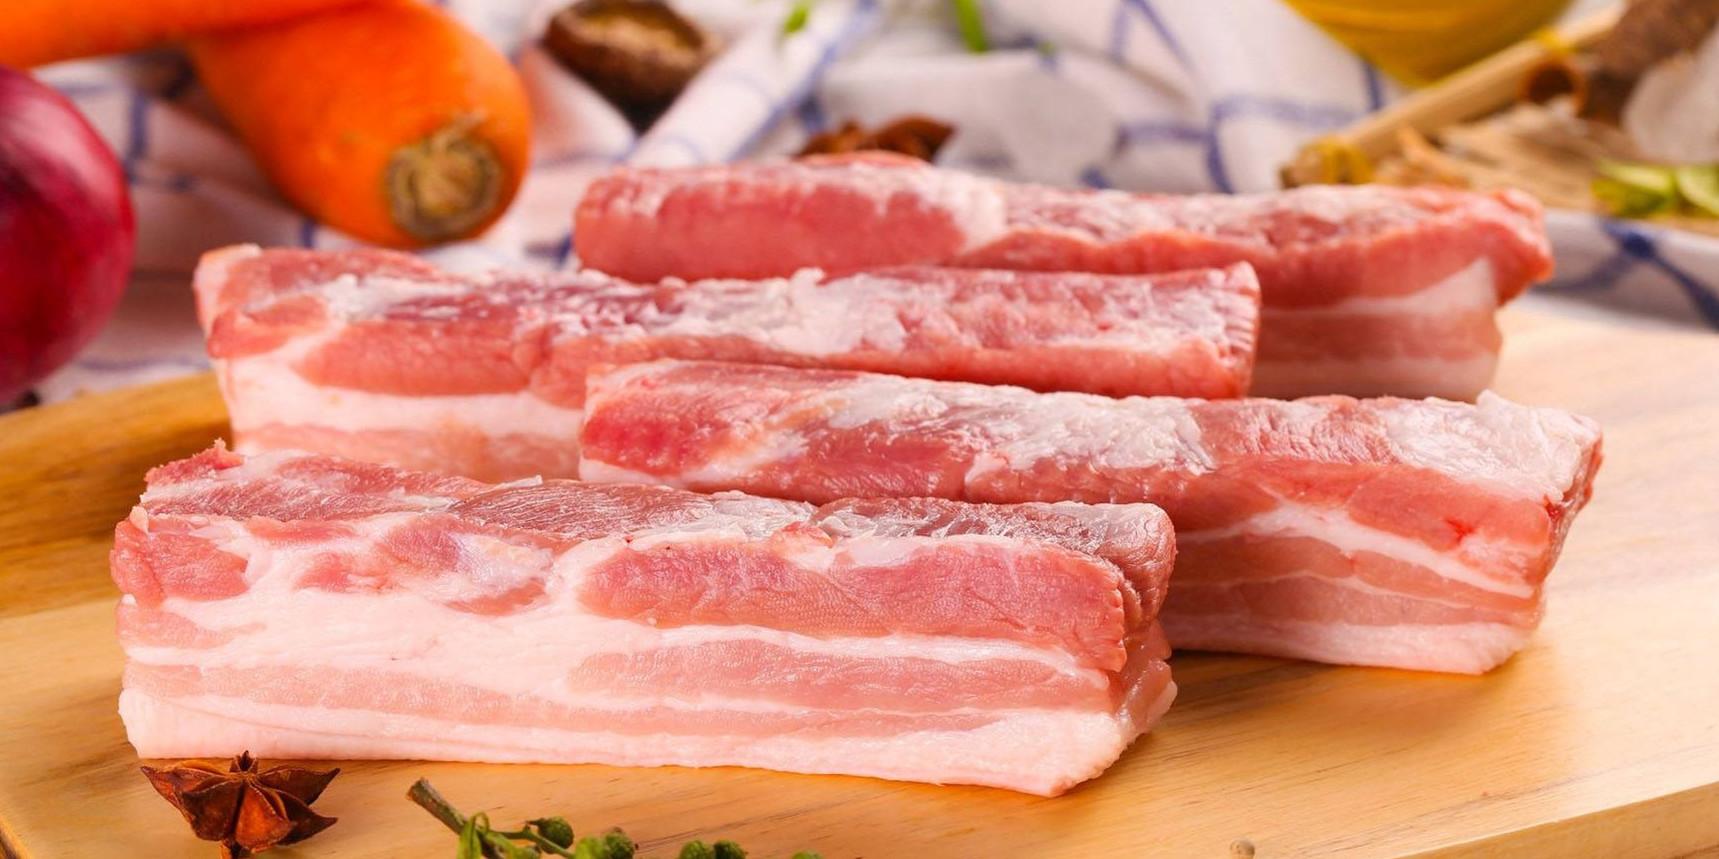 德州猪肉价格持续上涨 猪小排达19.8元/斤